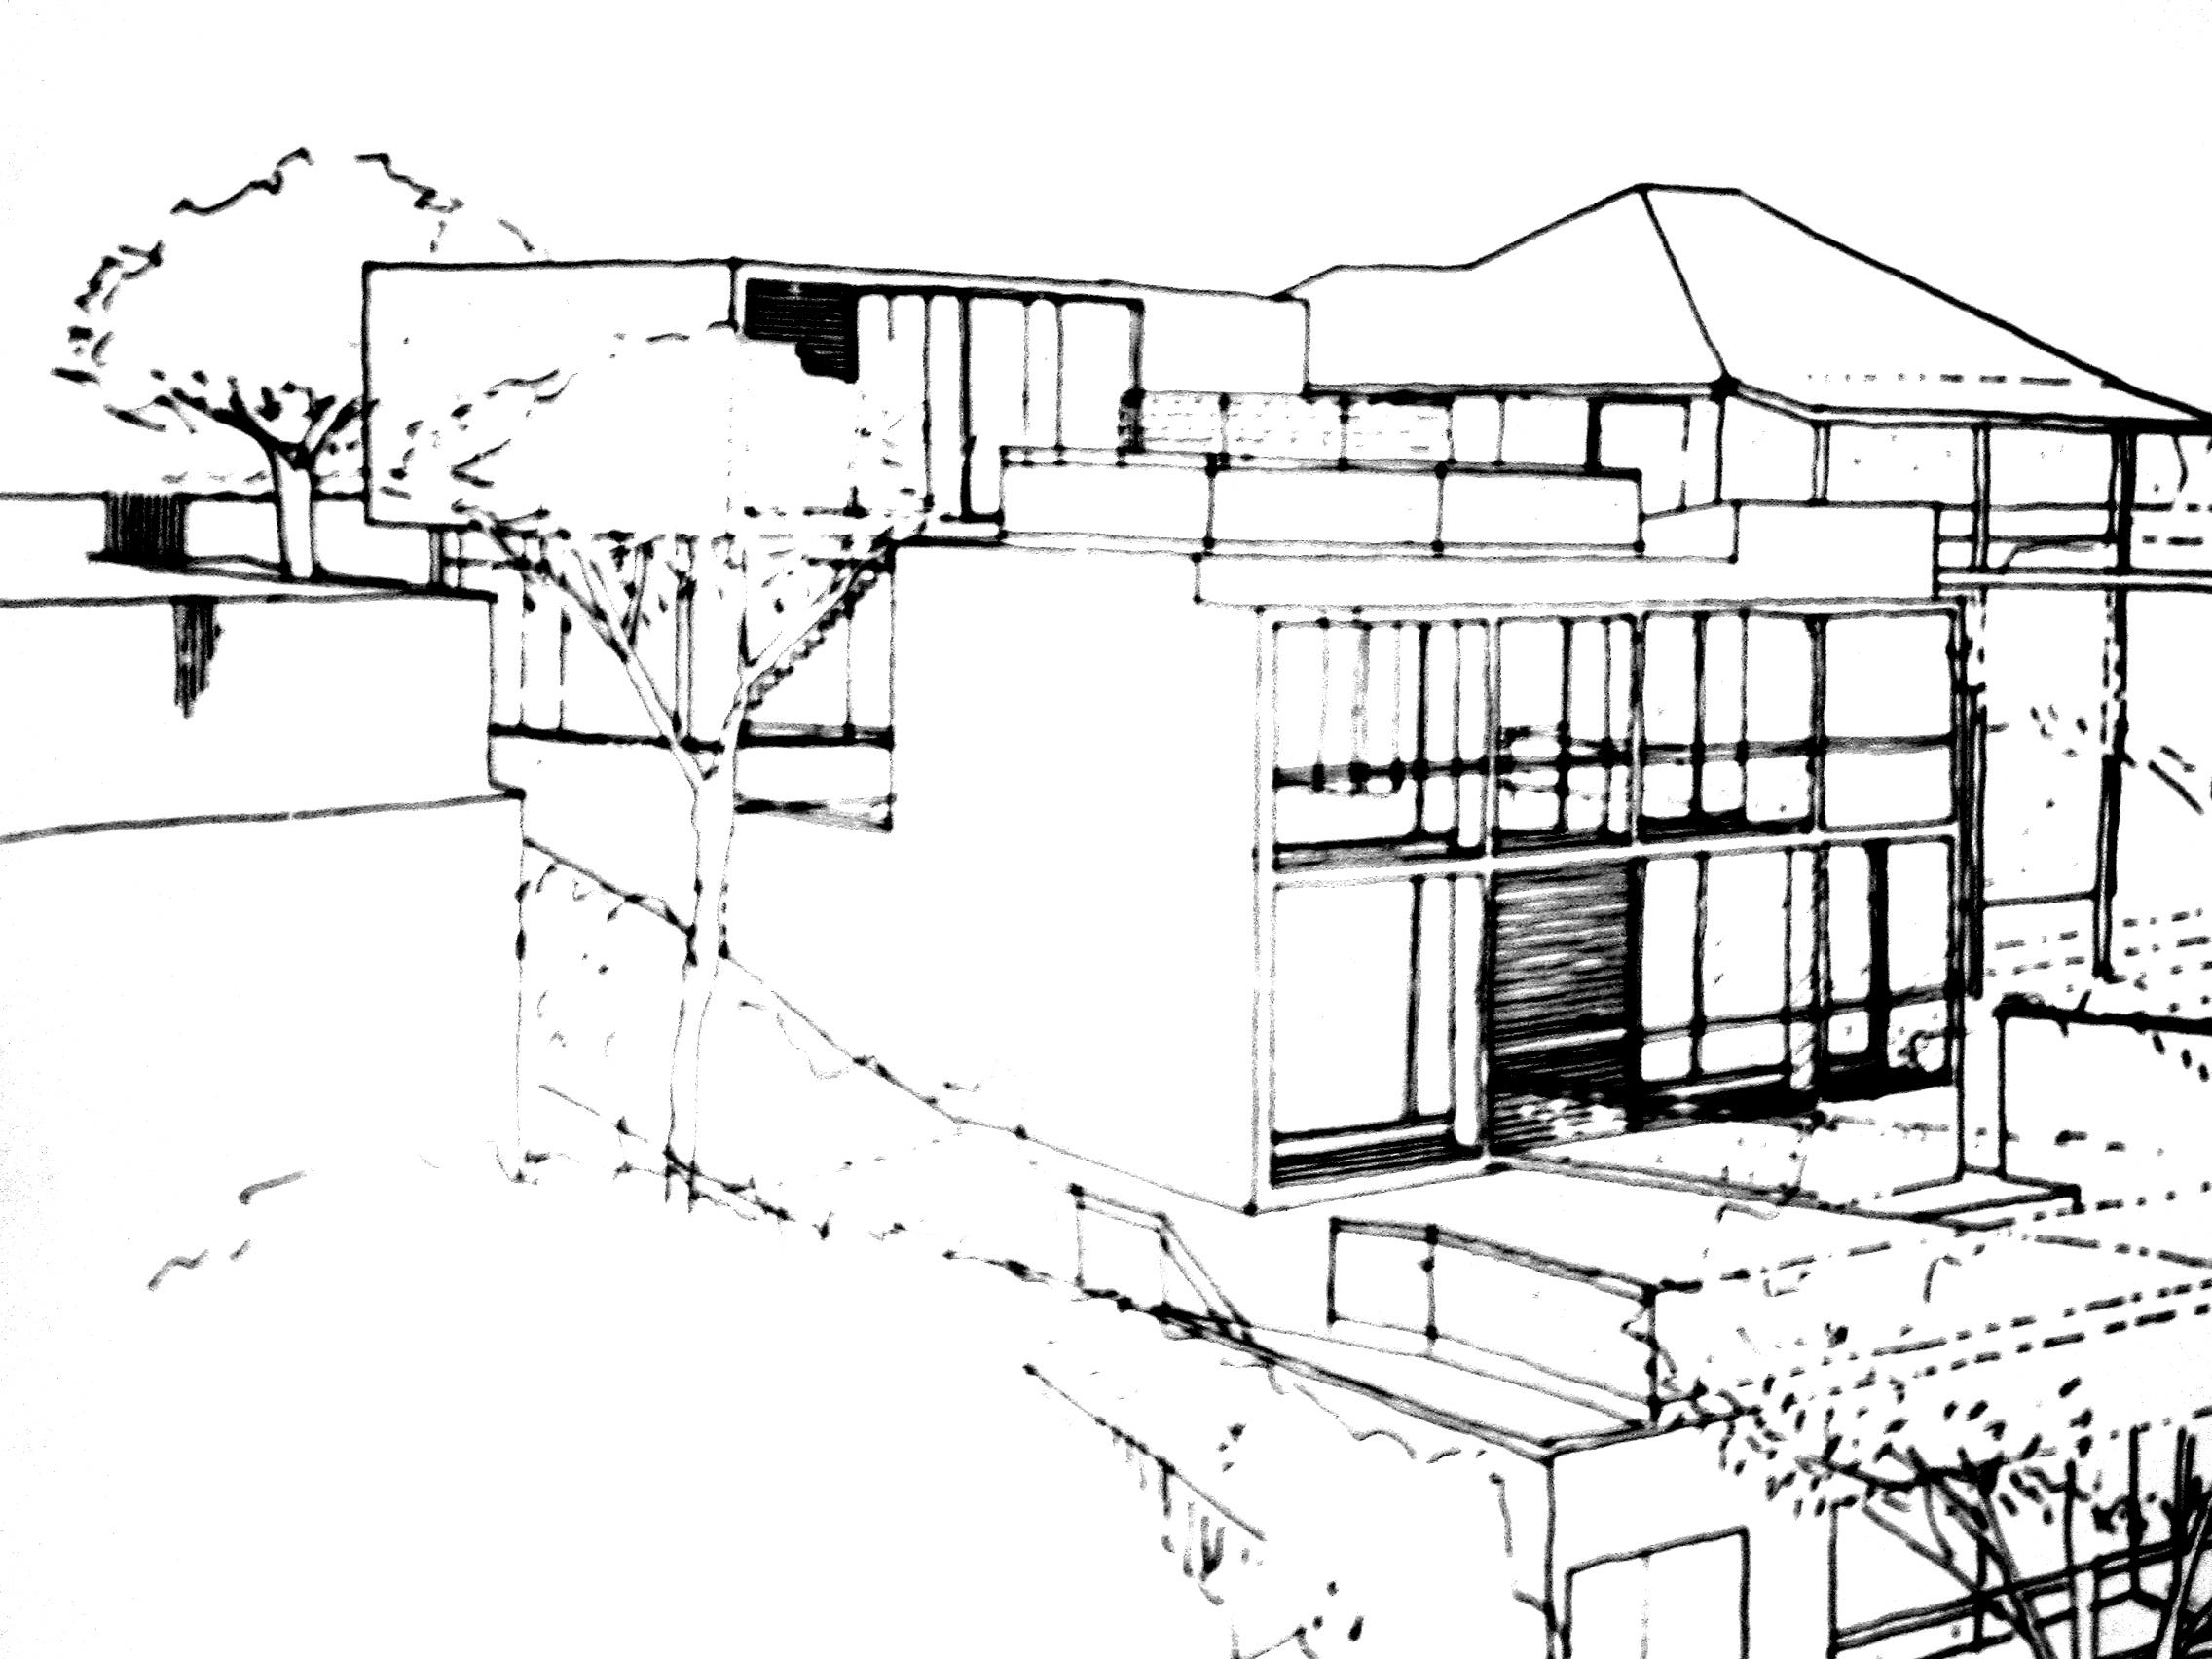 DSCN2003_2.jpg